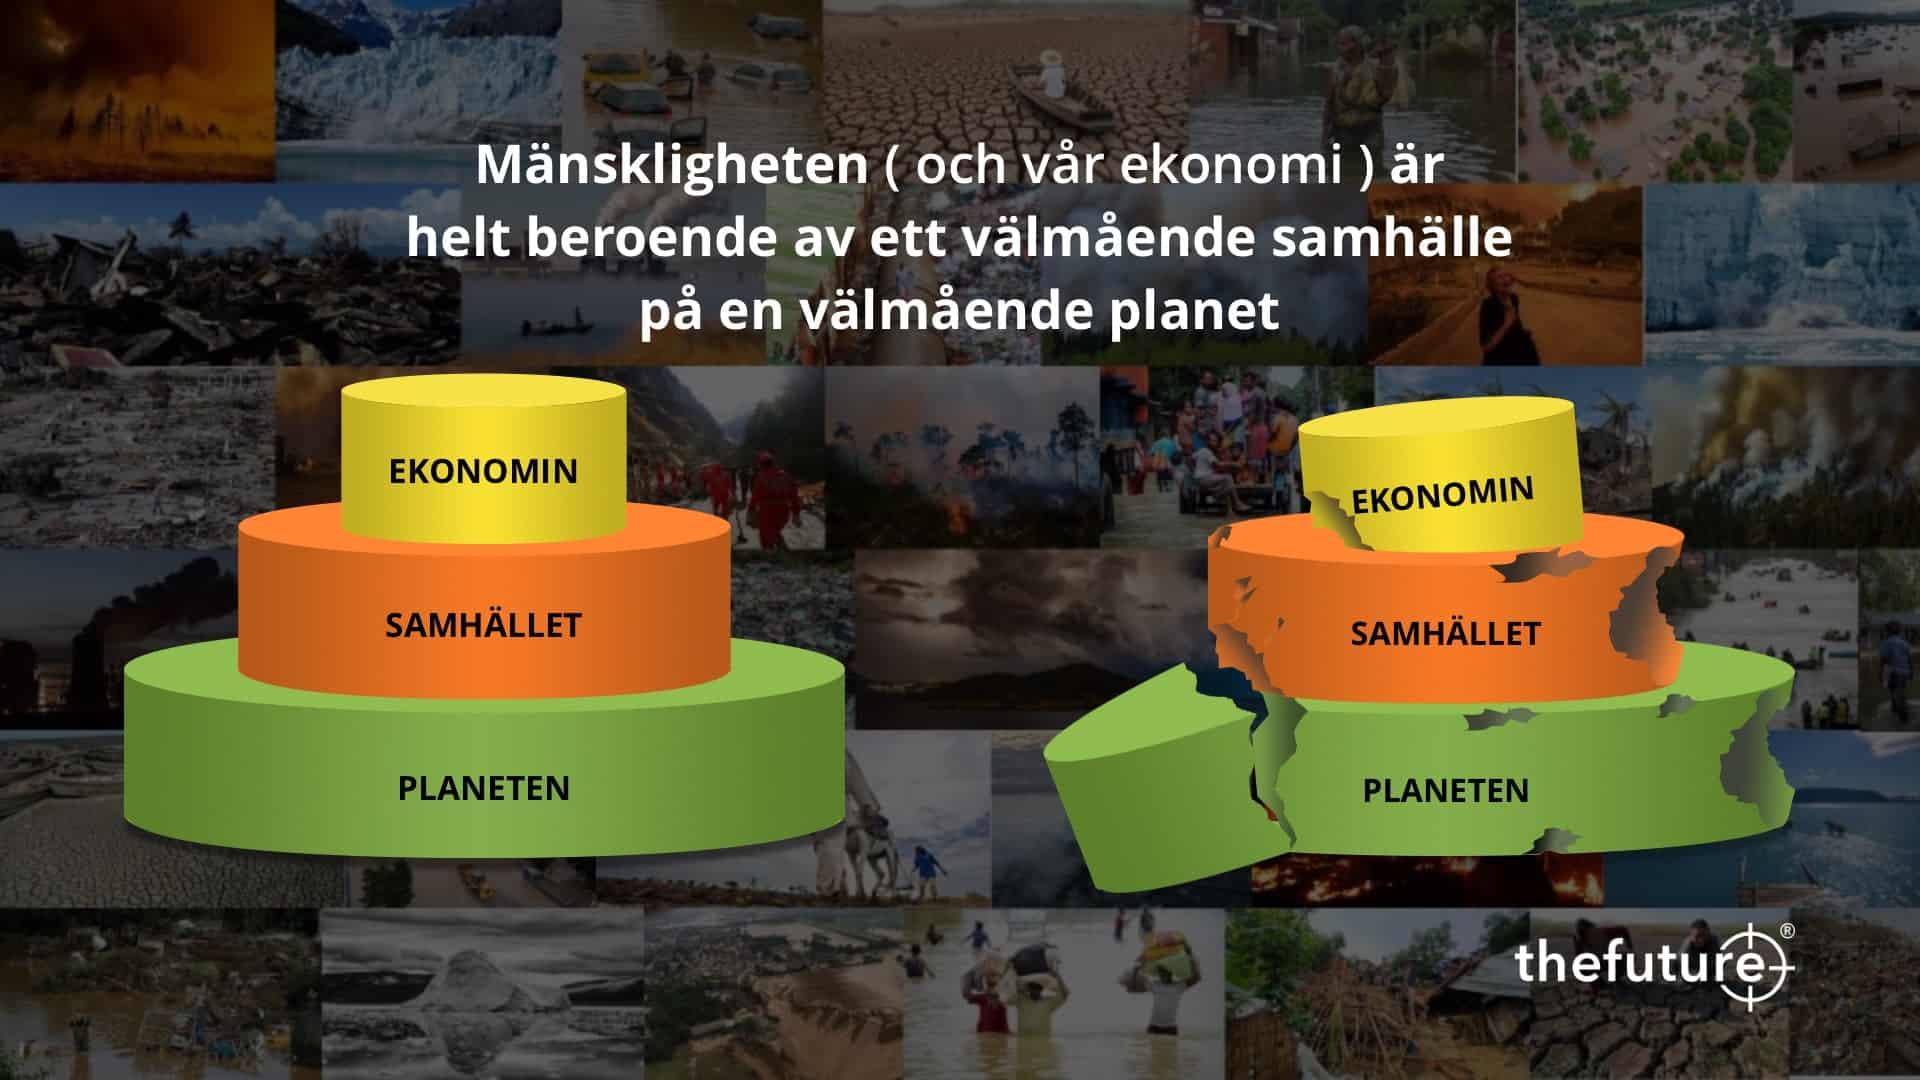 thefuture, Hållbarhet - Ett välmående samhälle och en välmående planet-FSSD